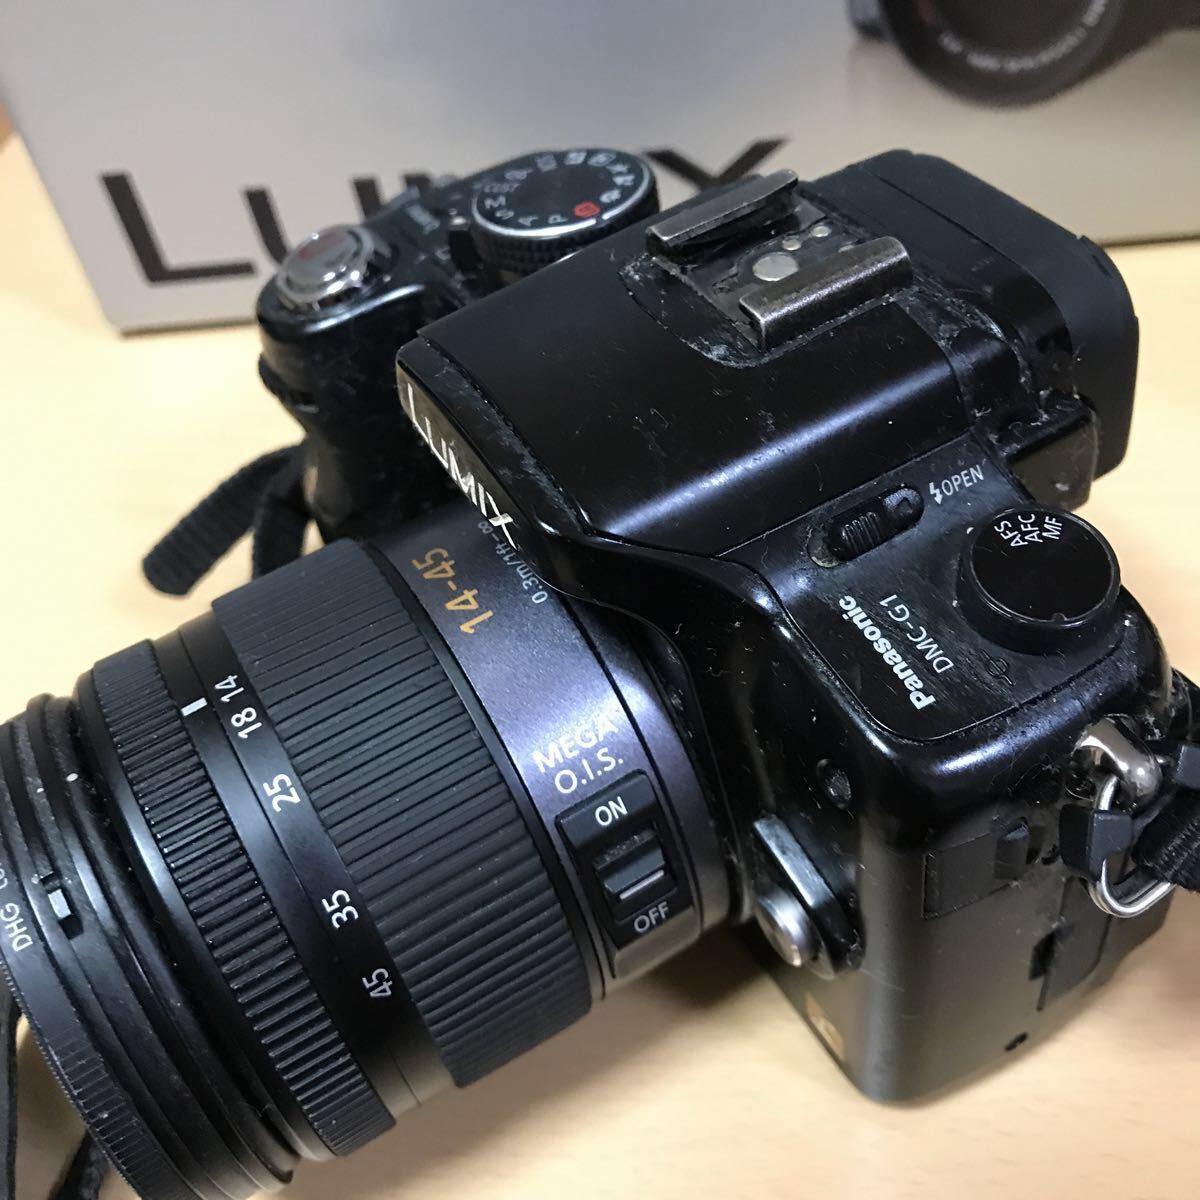 訳あり Panasonic パナソニック LUMIX G1 ダブルズームレンズキット DMC-G1W-K カメラ ミラーレス一眼 コンフォートブラック K3707718_画像5